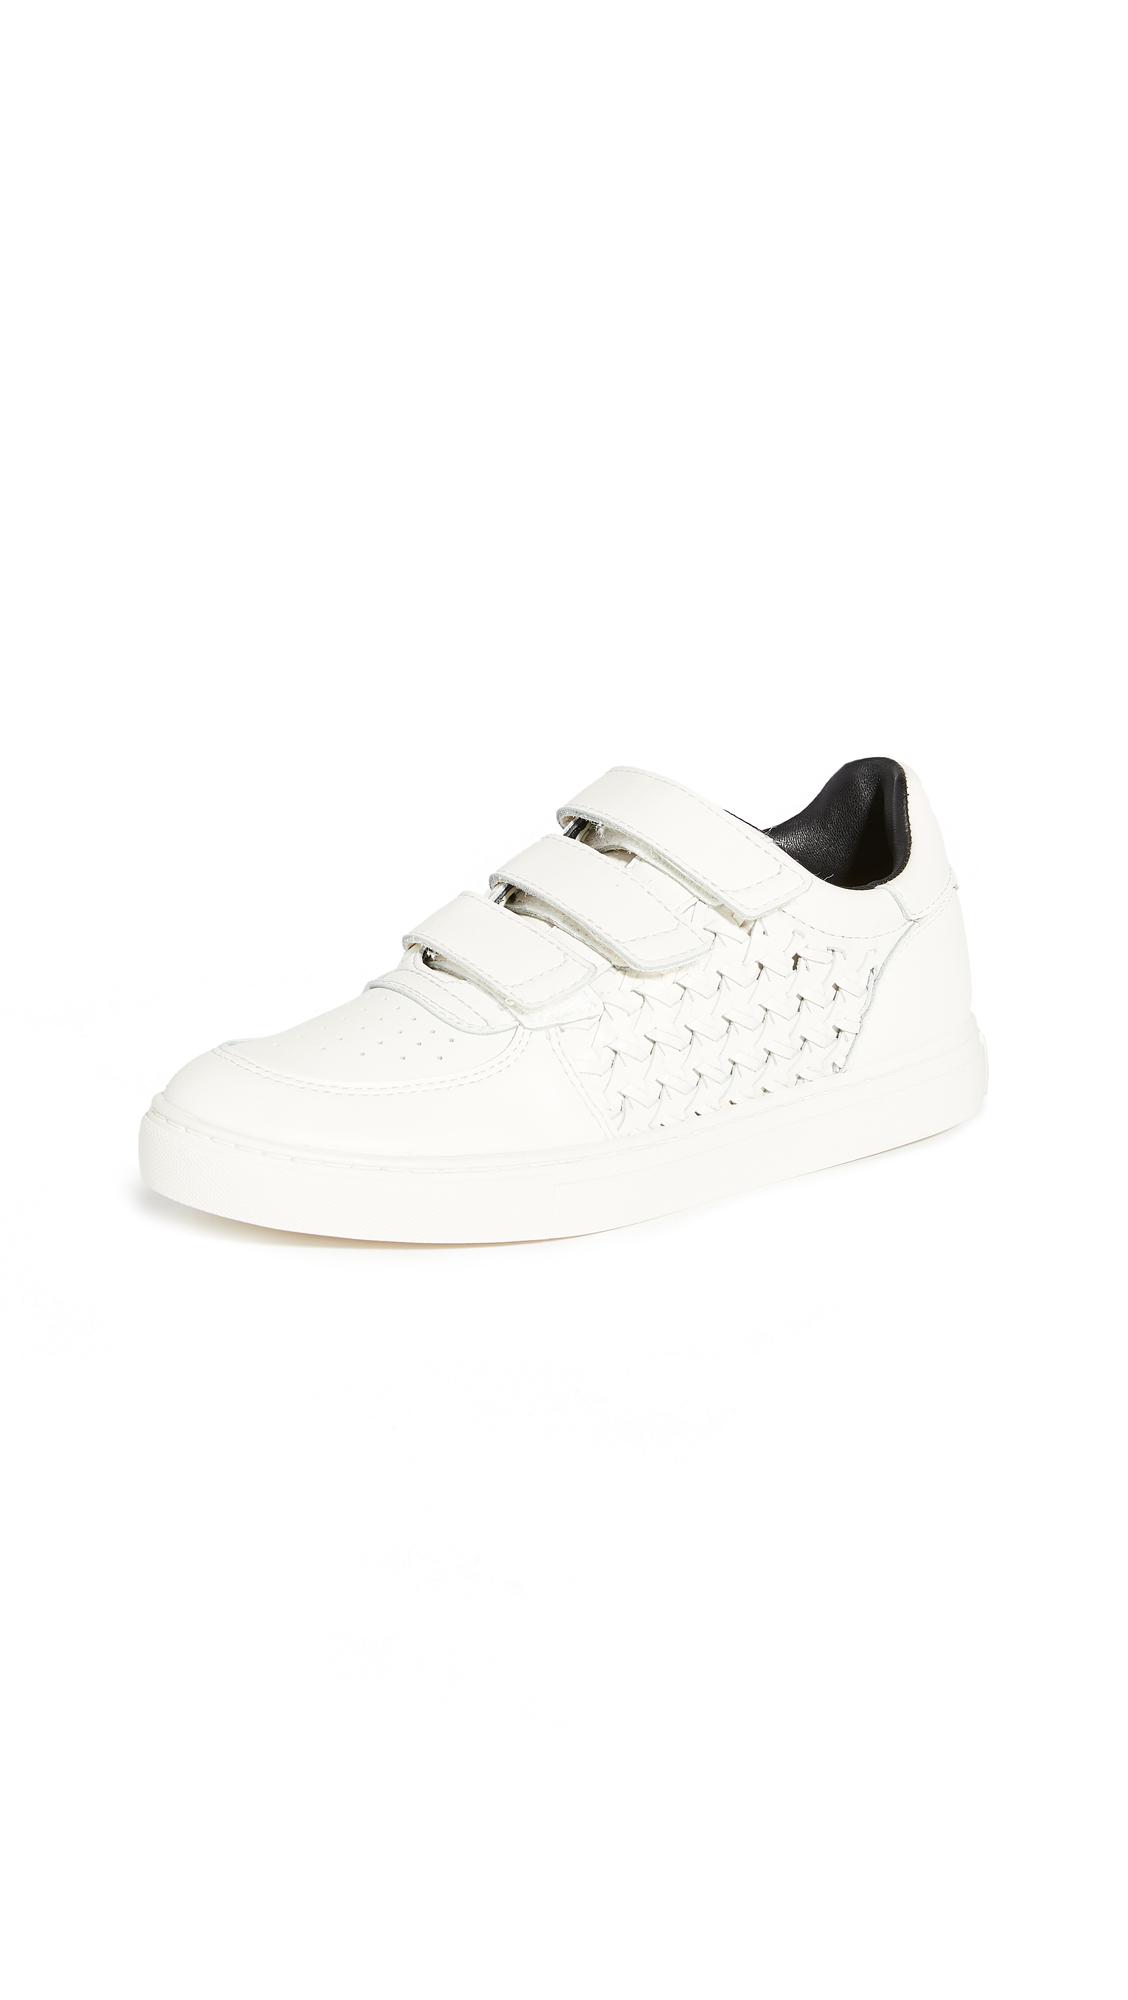 Zimmermann Velcro Strap Sneakers - 30% Off Sale